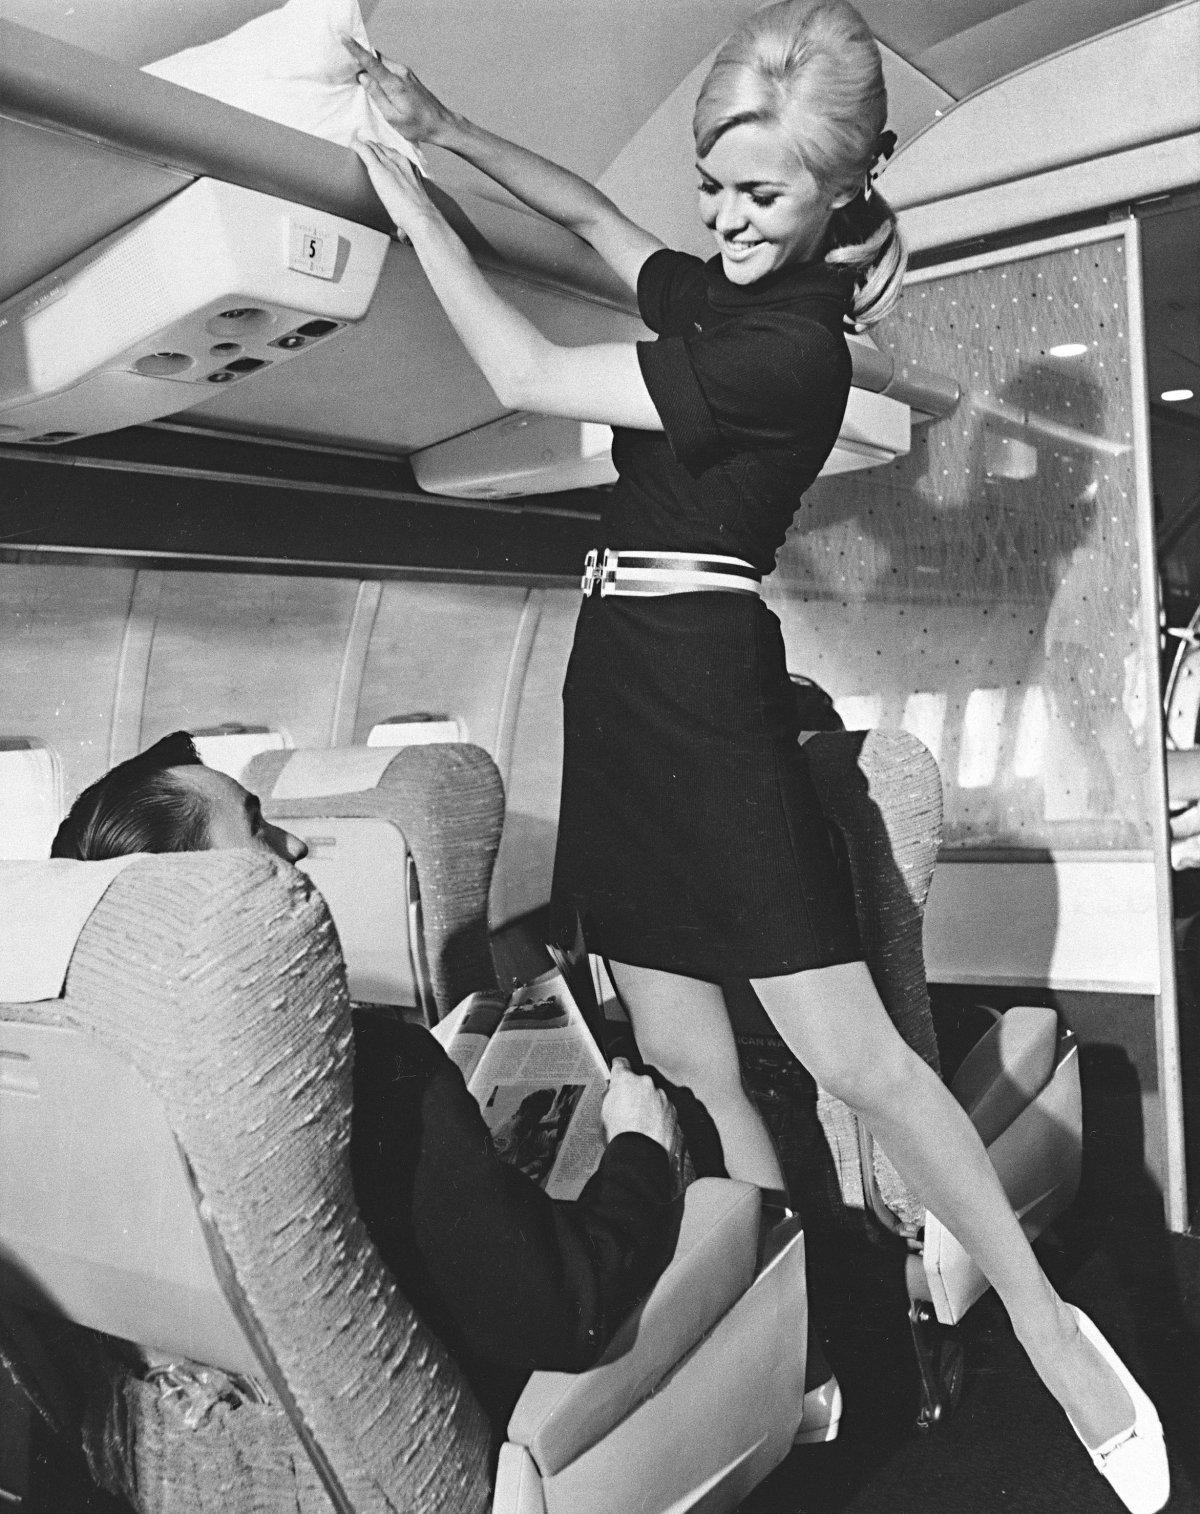 Πίσω στη χρυσή εποχή όπου το να ταξιδεύεις αεροπορικώς ήταν μία σίκ «γκουρμέ» περιπέτεια [εικόνες]